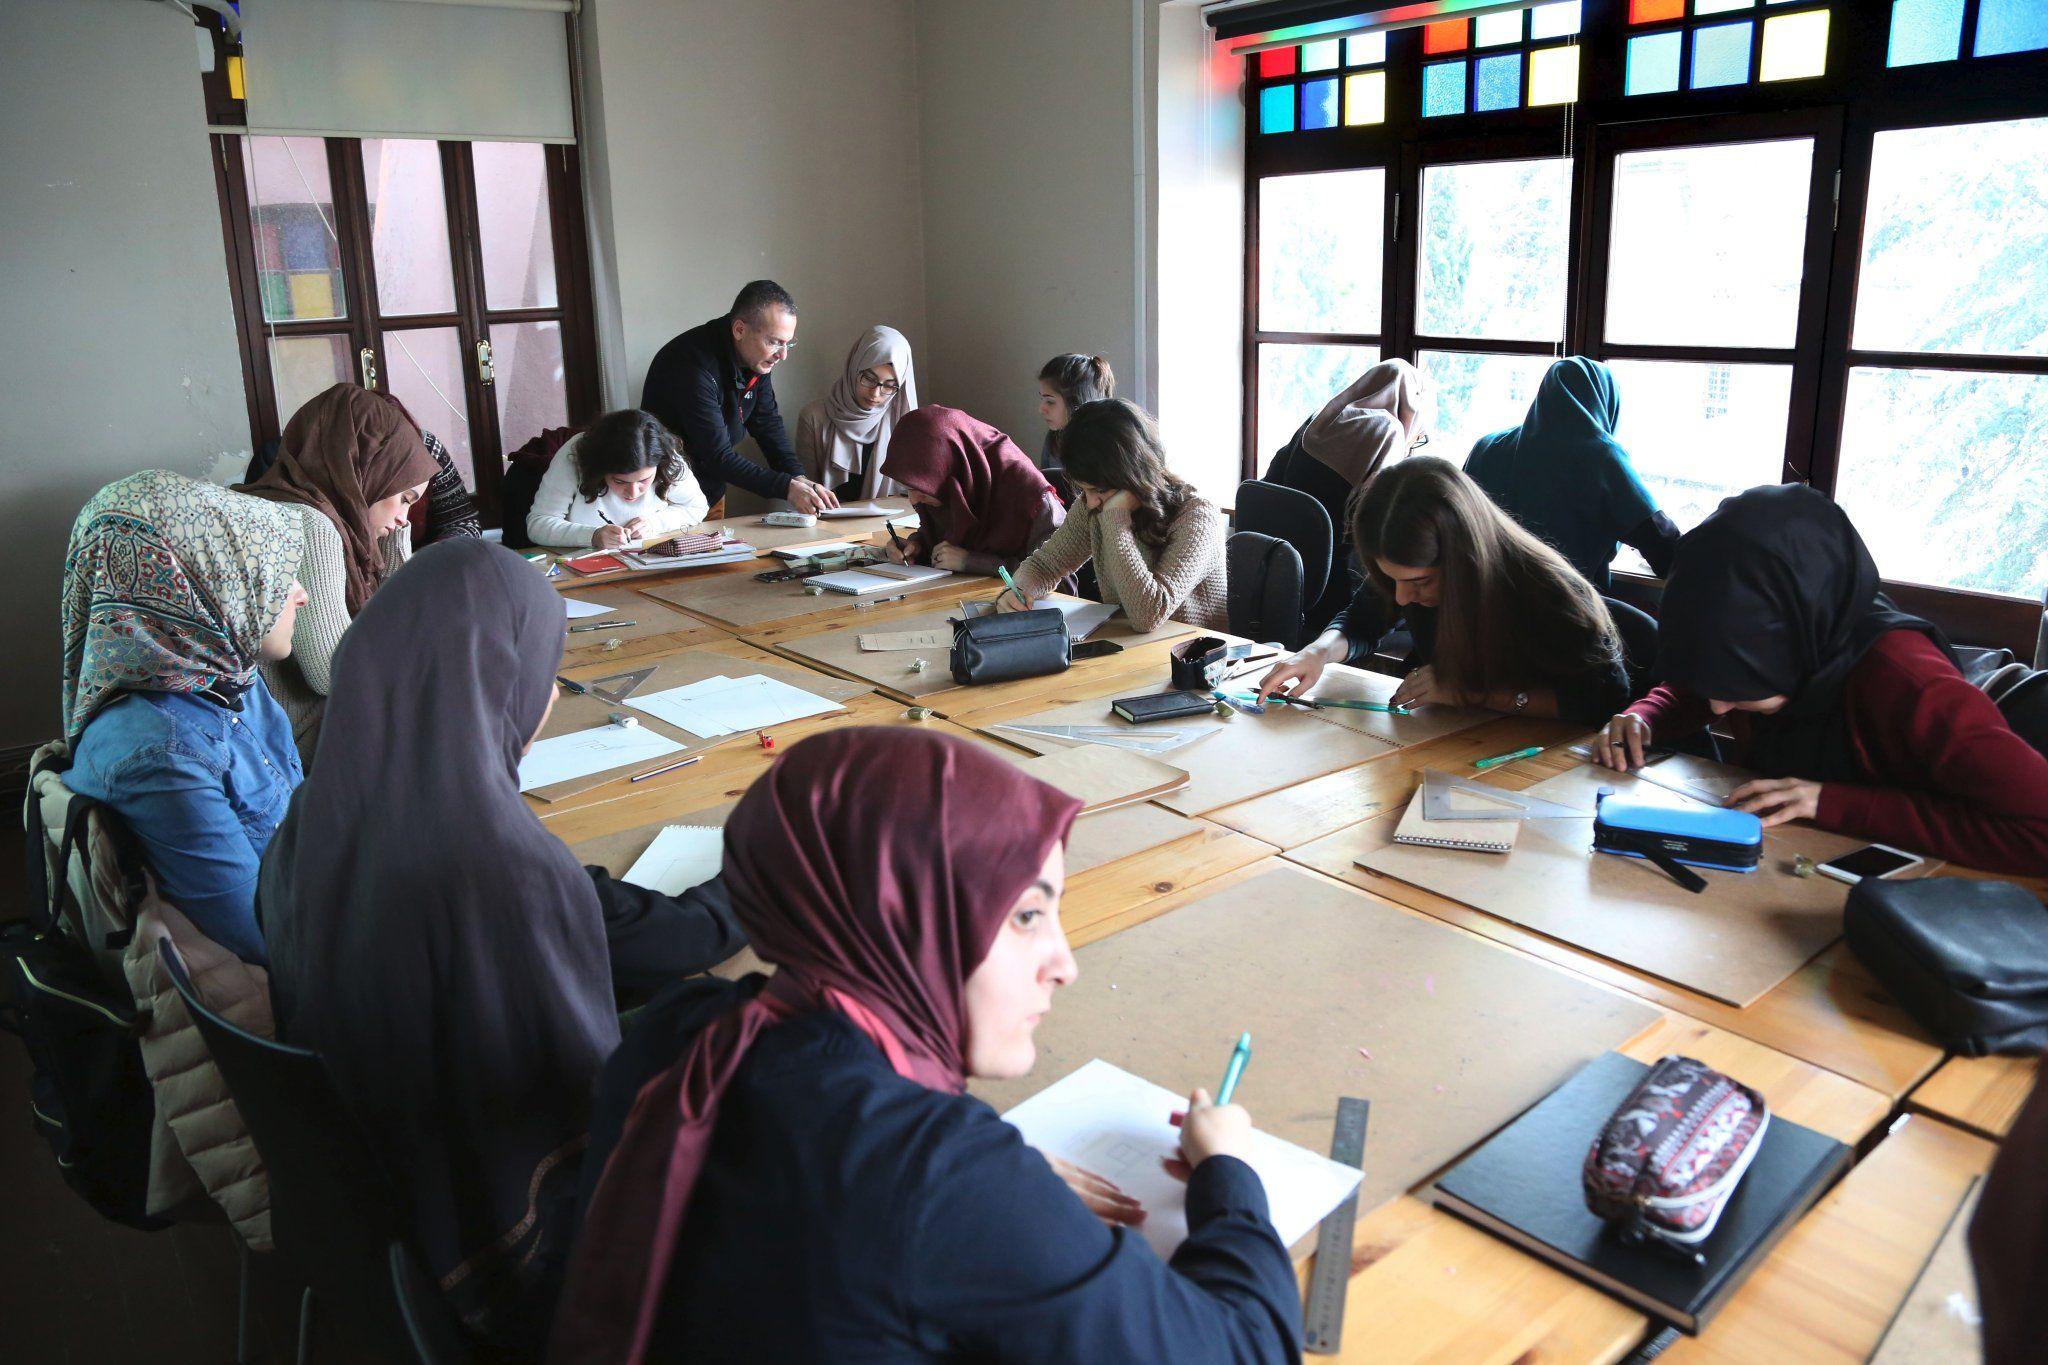 """RT @tasarim_merkezi: İstanbul Tasarım Merkezi'nde an itibariyle; """"Ahmet Öğreten ile Peyzajda Eskiz Atölyesi"""" https://t.co/9Ql5VvZ4iP"""